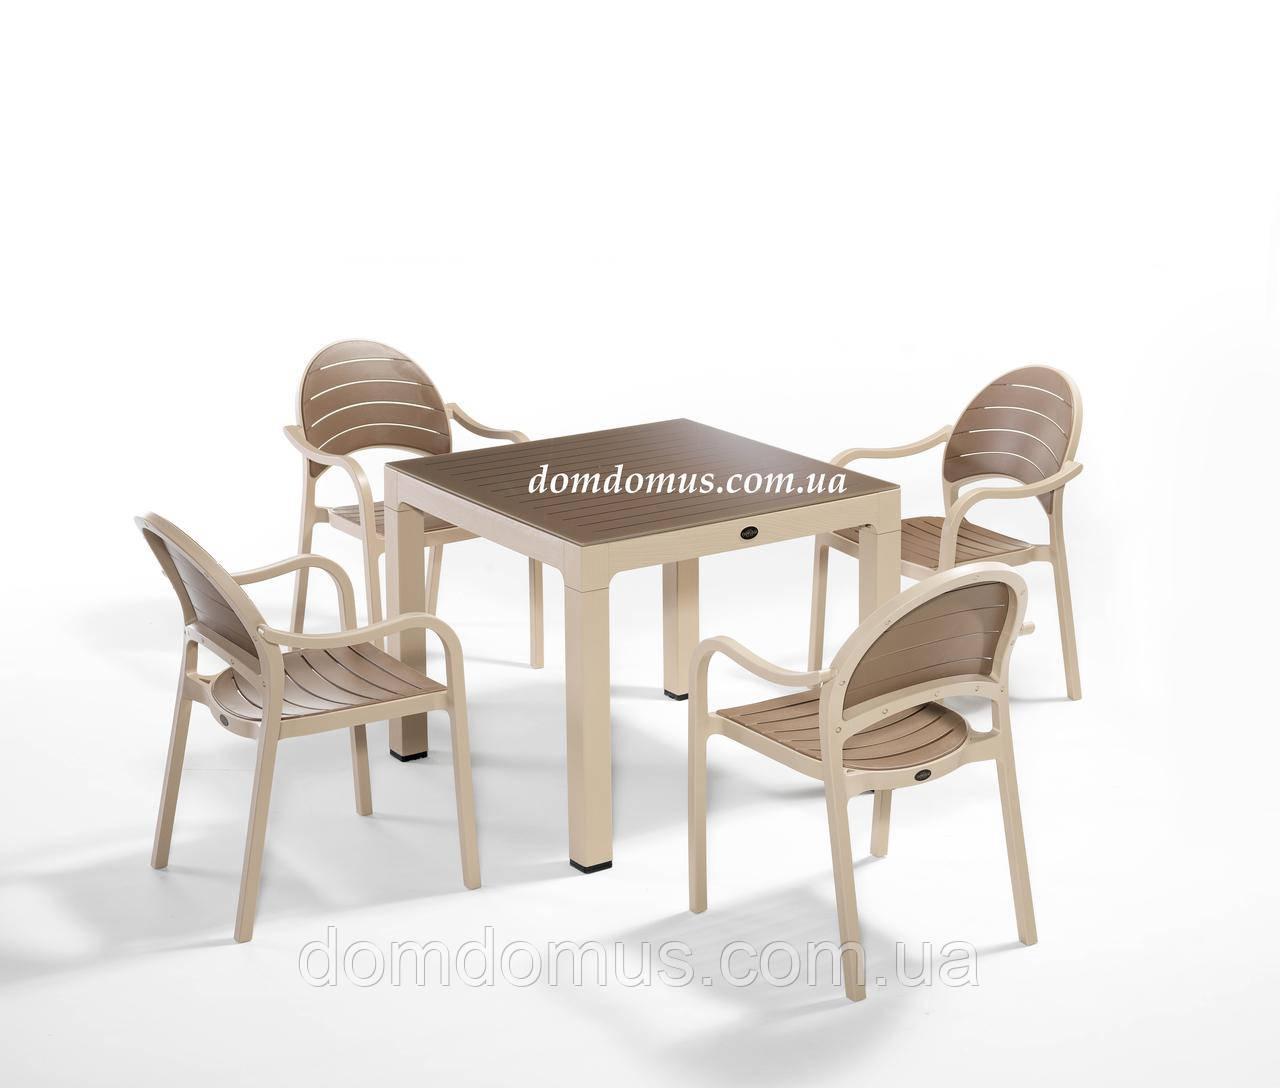 """Комплект высококачественной мебели """"Senza For 4""""   (стол 70*70, 4 кресла) Novussi, Турция"""